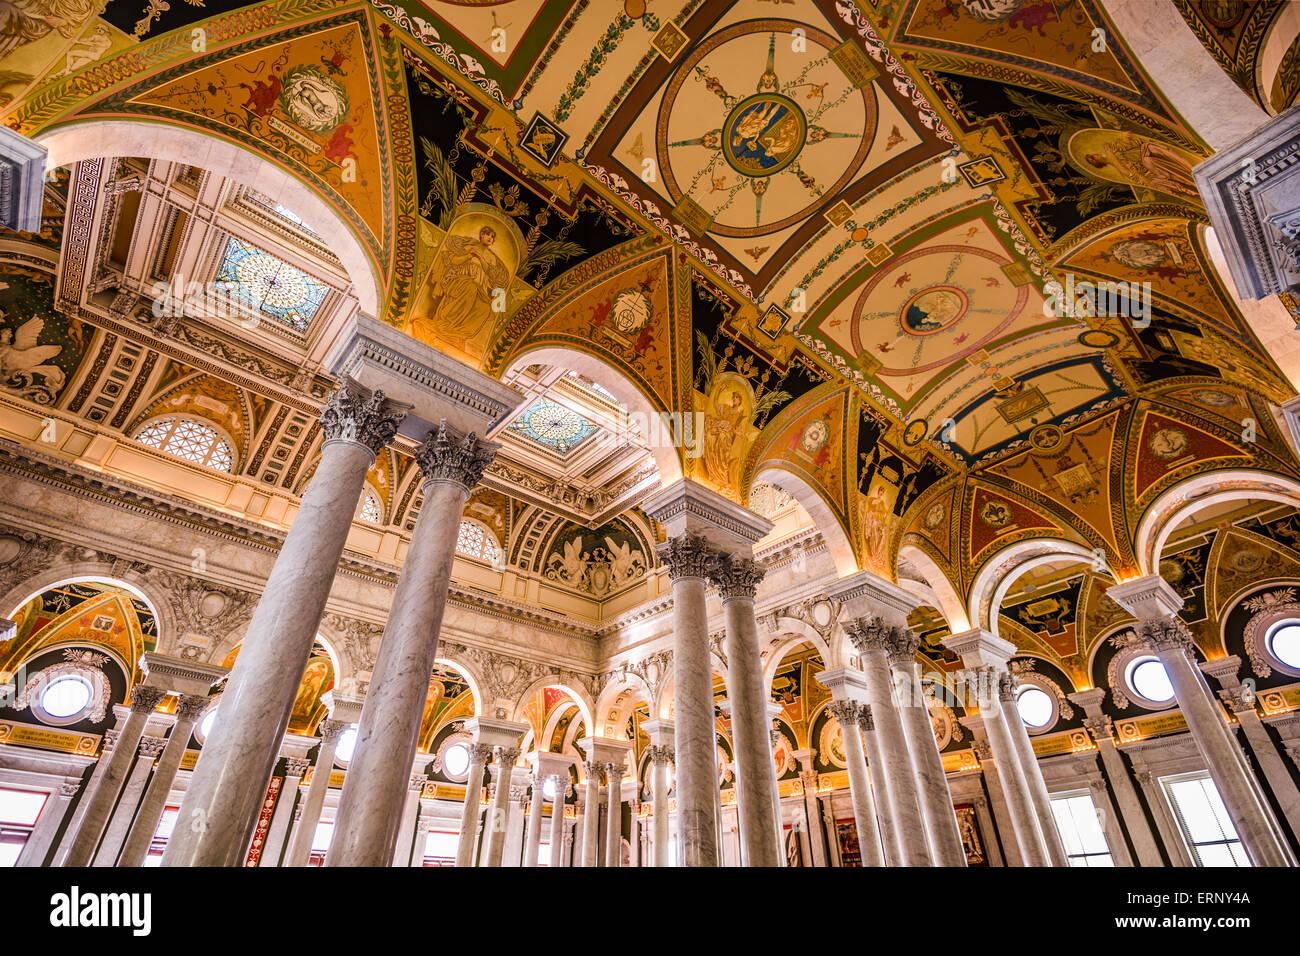 Eingang Hallendecke in der Library of Congress in Washington DC. Stockbild